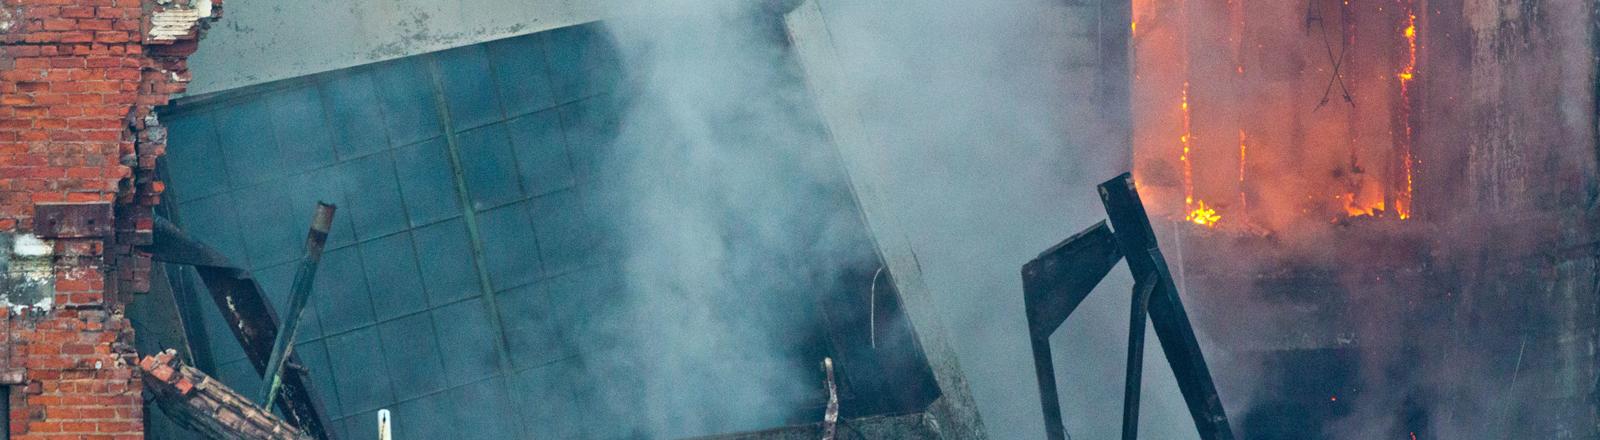 Feuerwehrmann bei Einsatz abgestuerzt, Detroit, Michigan, USA, 22. Oktober 2014